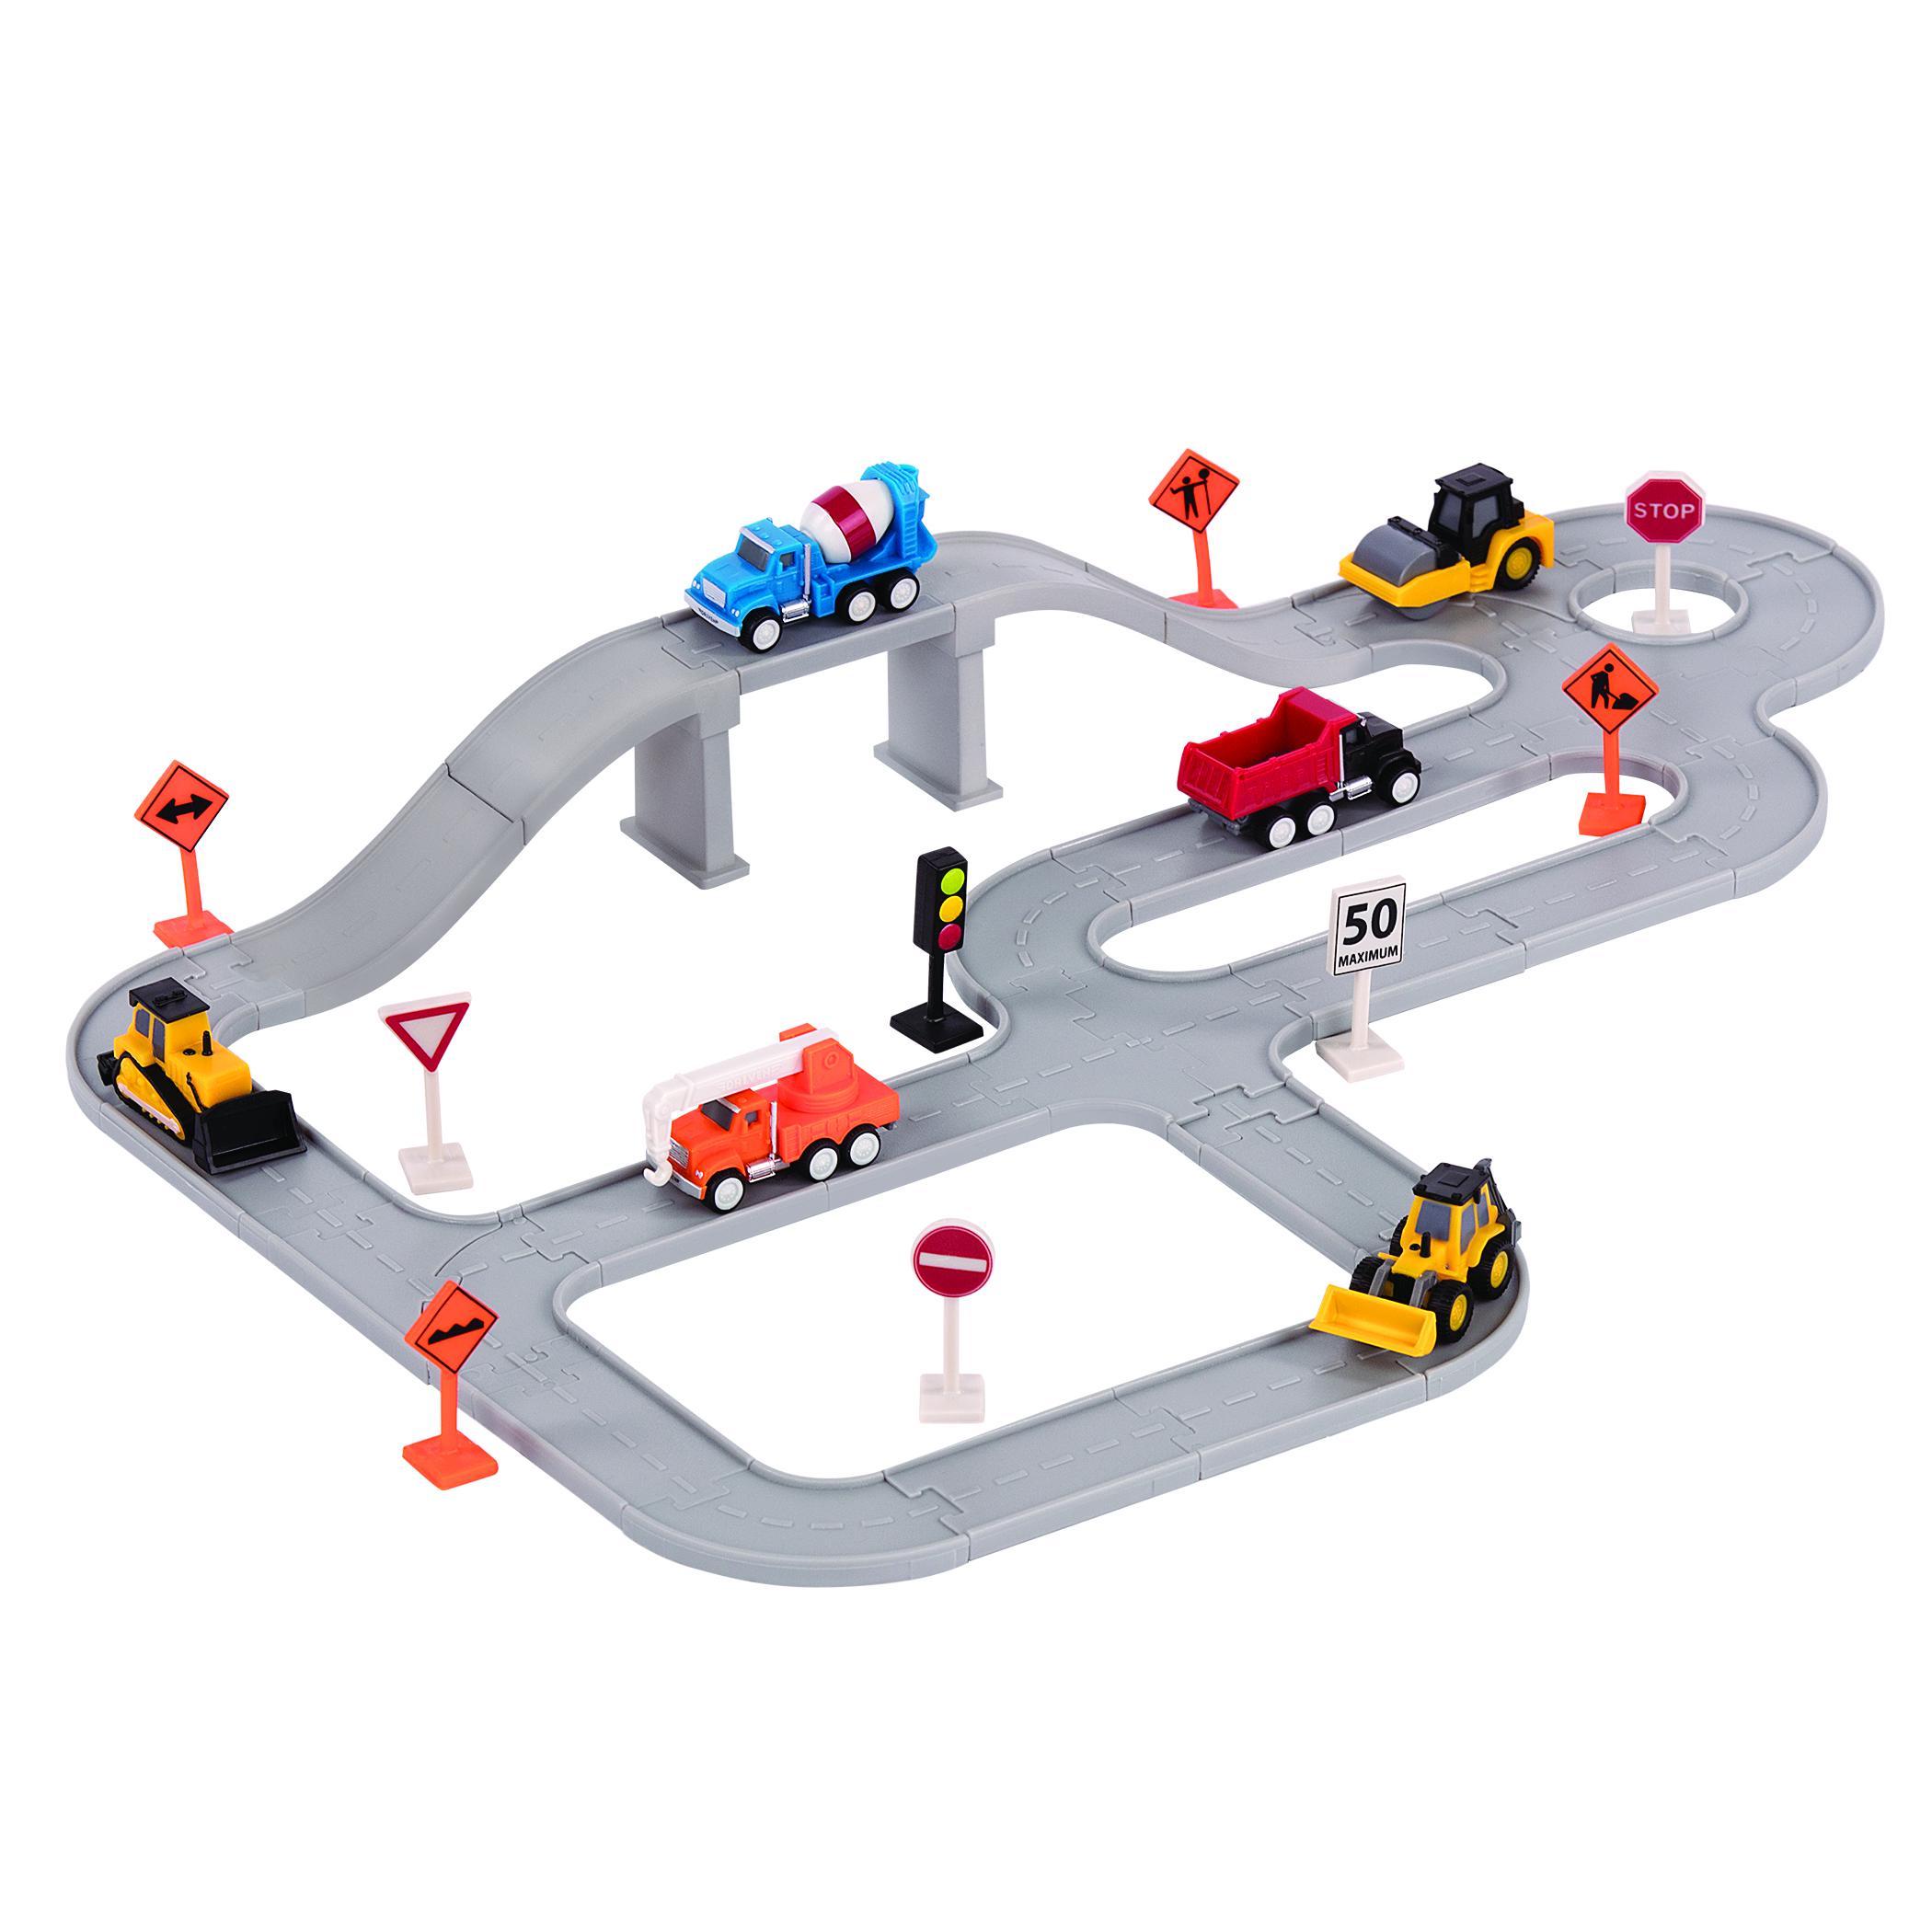 DRIVEN Игровой набор POCKET SERIES Строительная техника